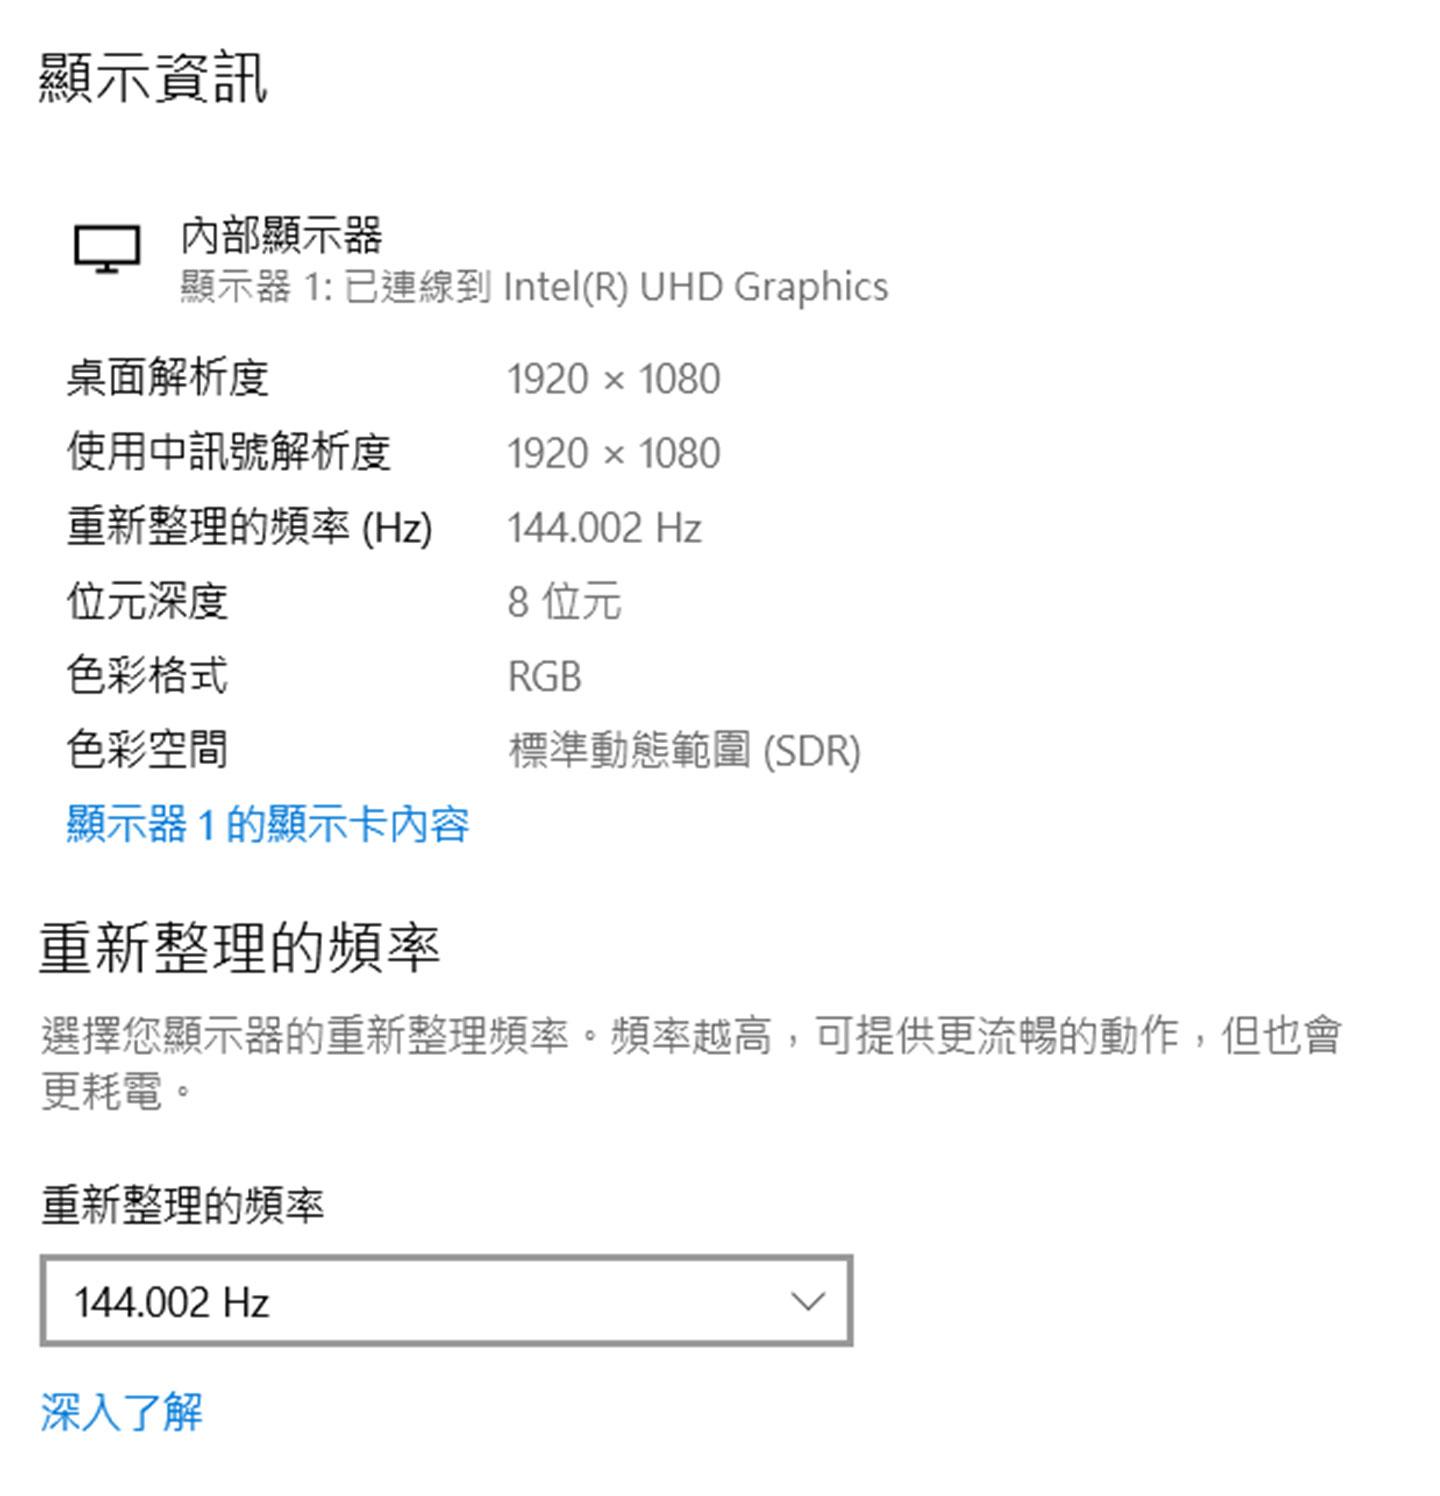 顯示器的系統資訊,可看到刷新率為 144 Hz。